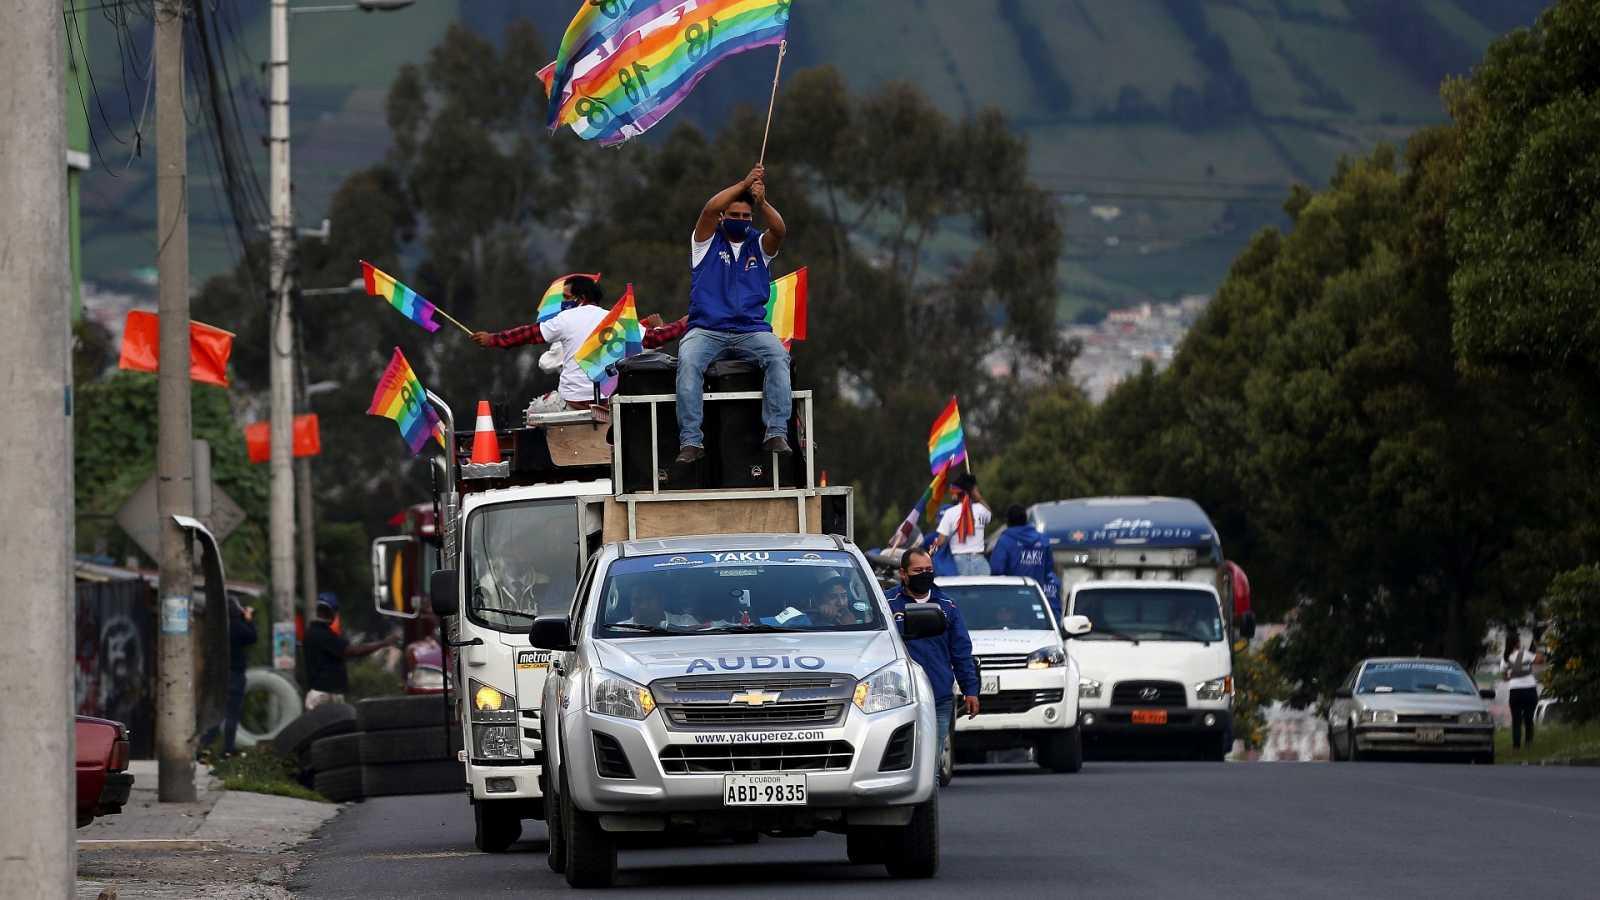 Reportajes 5 Continentes - Elecciones presidenciales y parlamentarias en Ecuador - Escuchar ahora